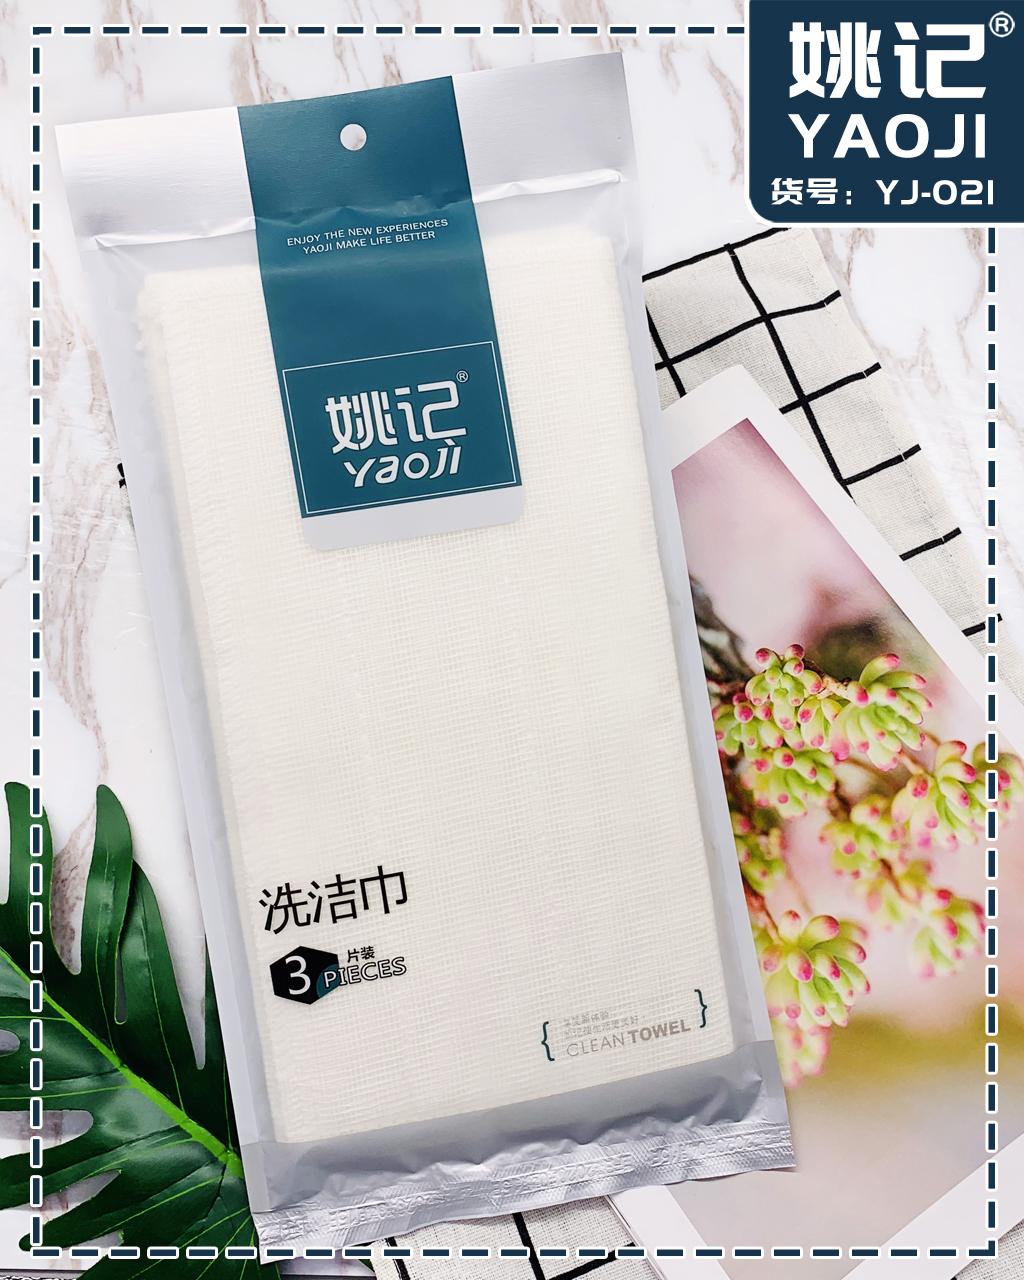 洗潔巾3片裝—YJ021